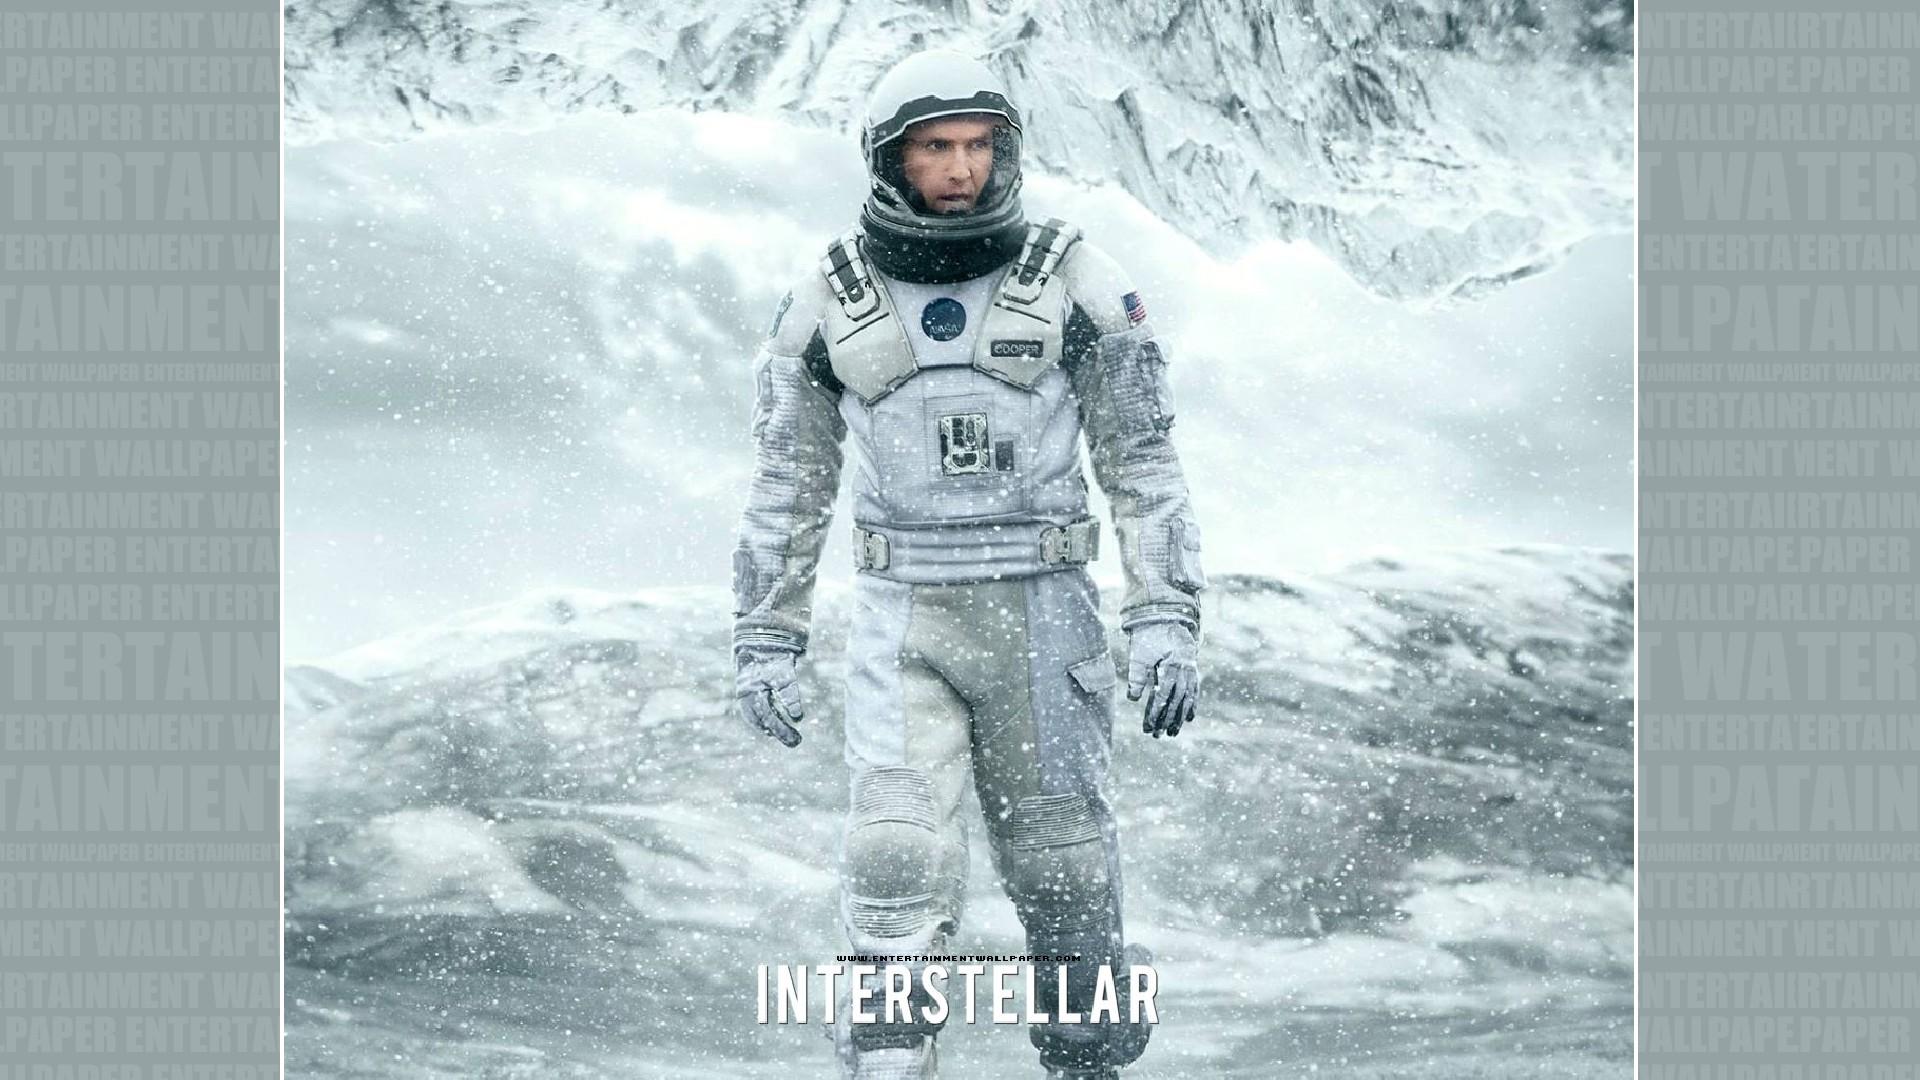 Interstellar Wallpaper   Original size download now 1920x1080